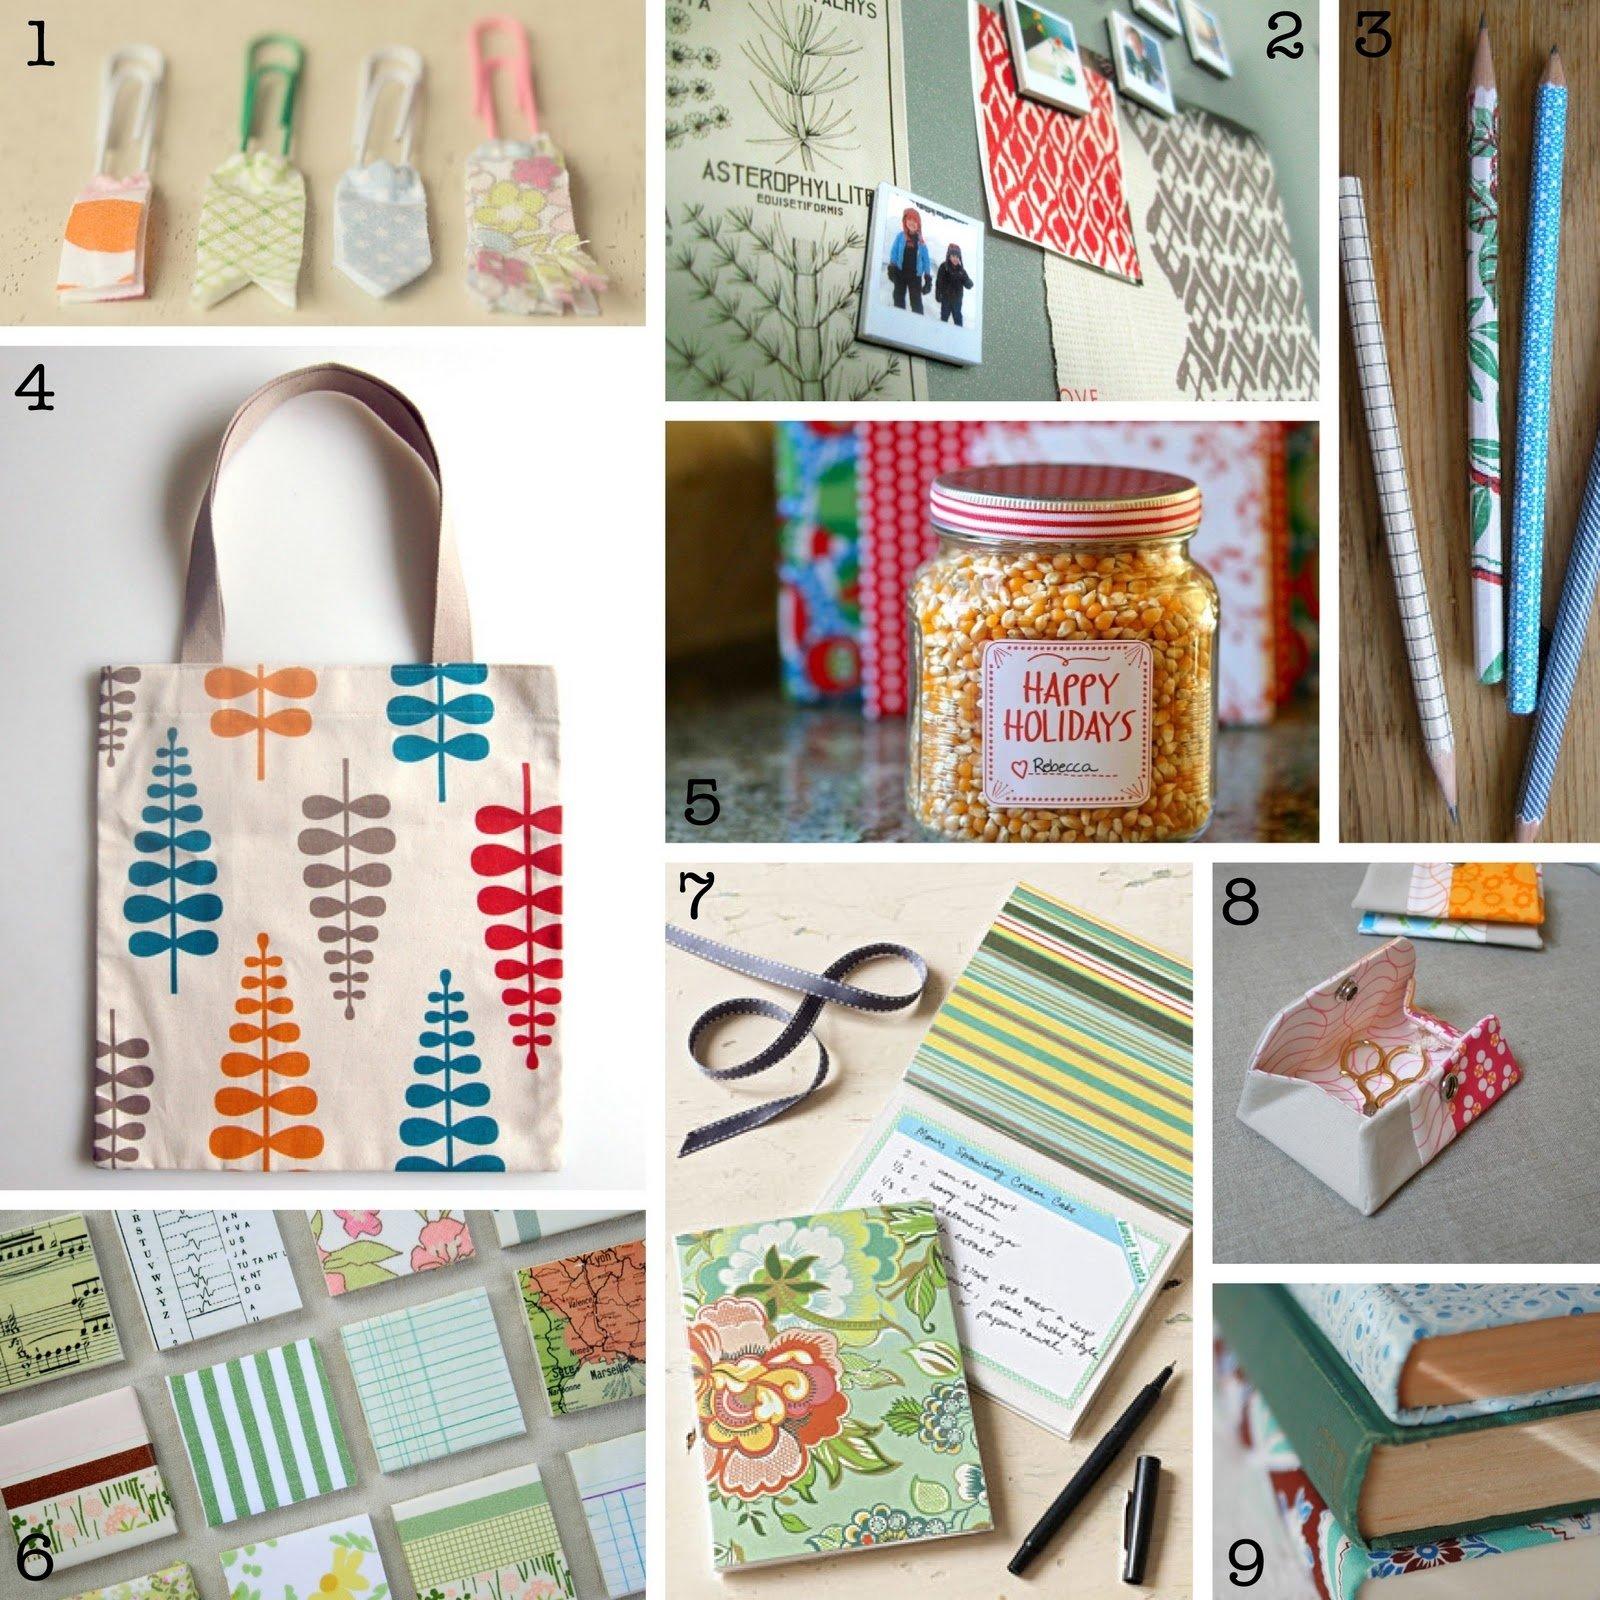 10 Elegant Diy Christmas Gift Ideas For Boyfriend gift ideas for boyfriend last minute diy gift ideas for boyfriend 2021